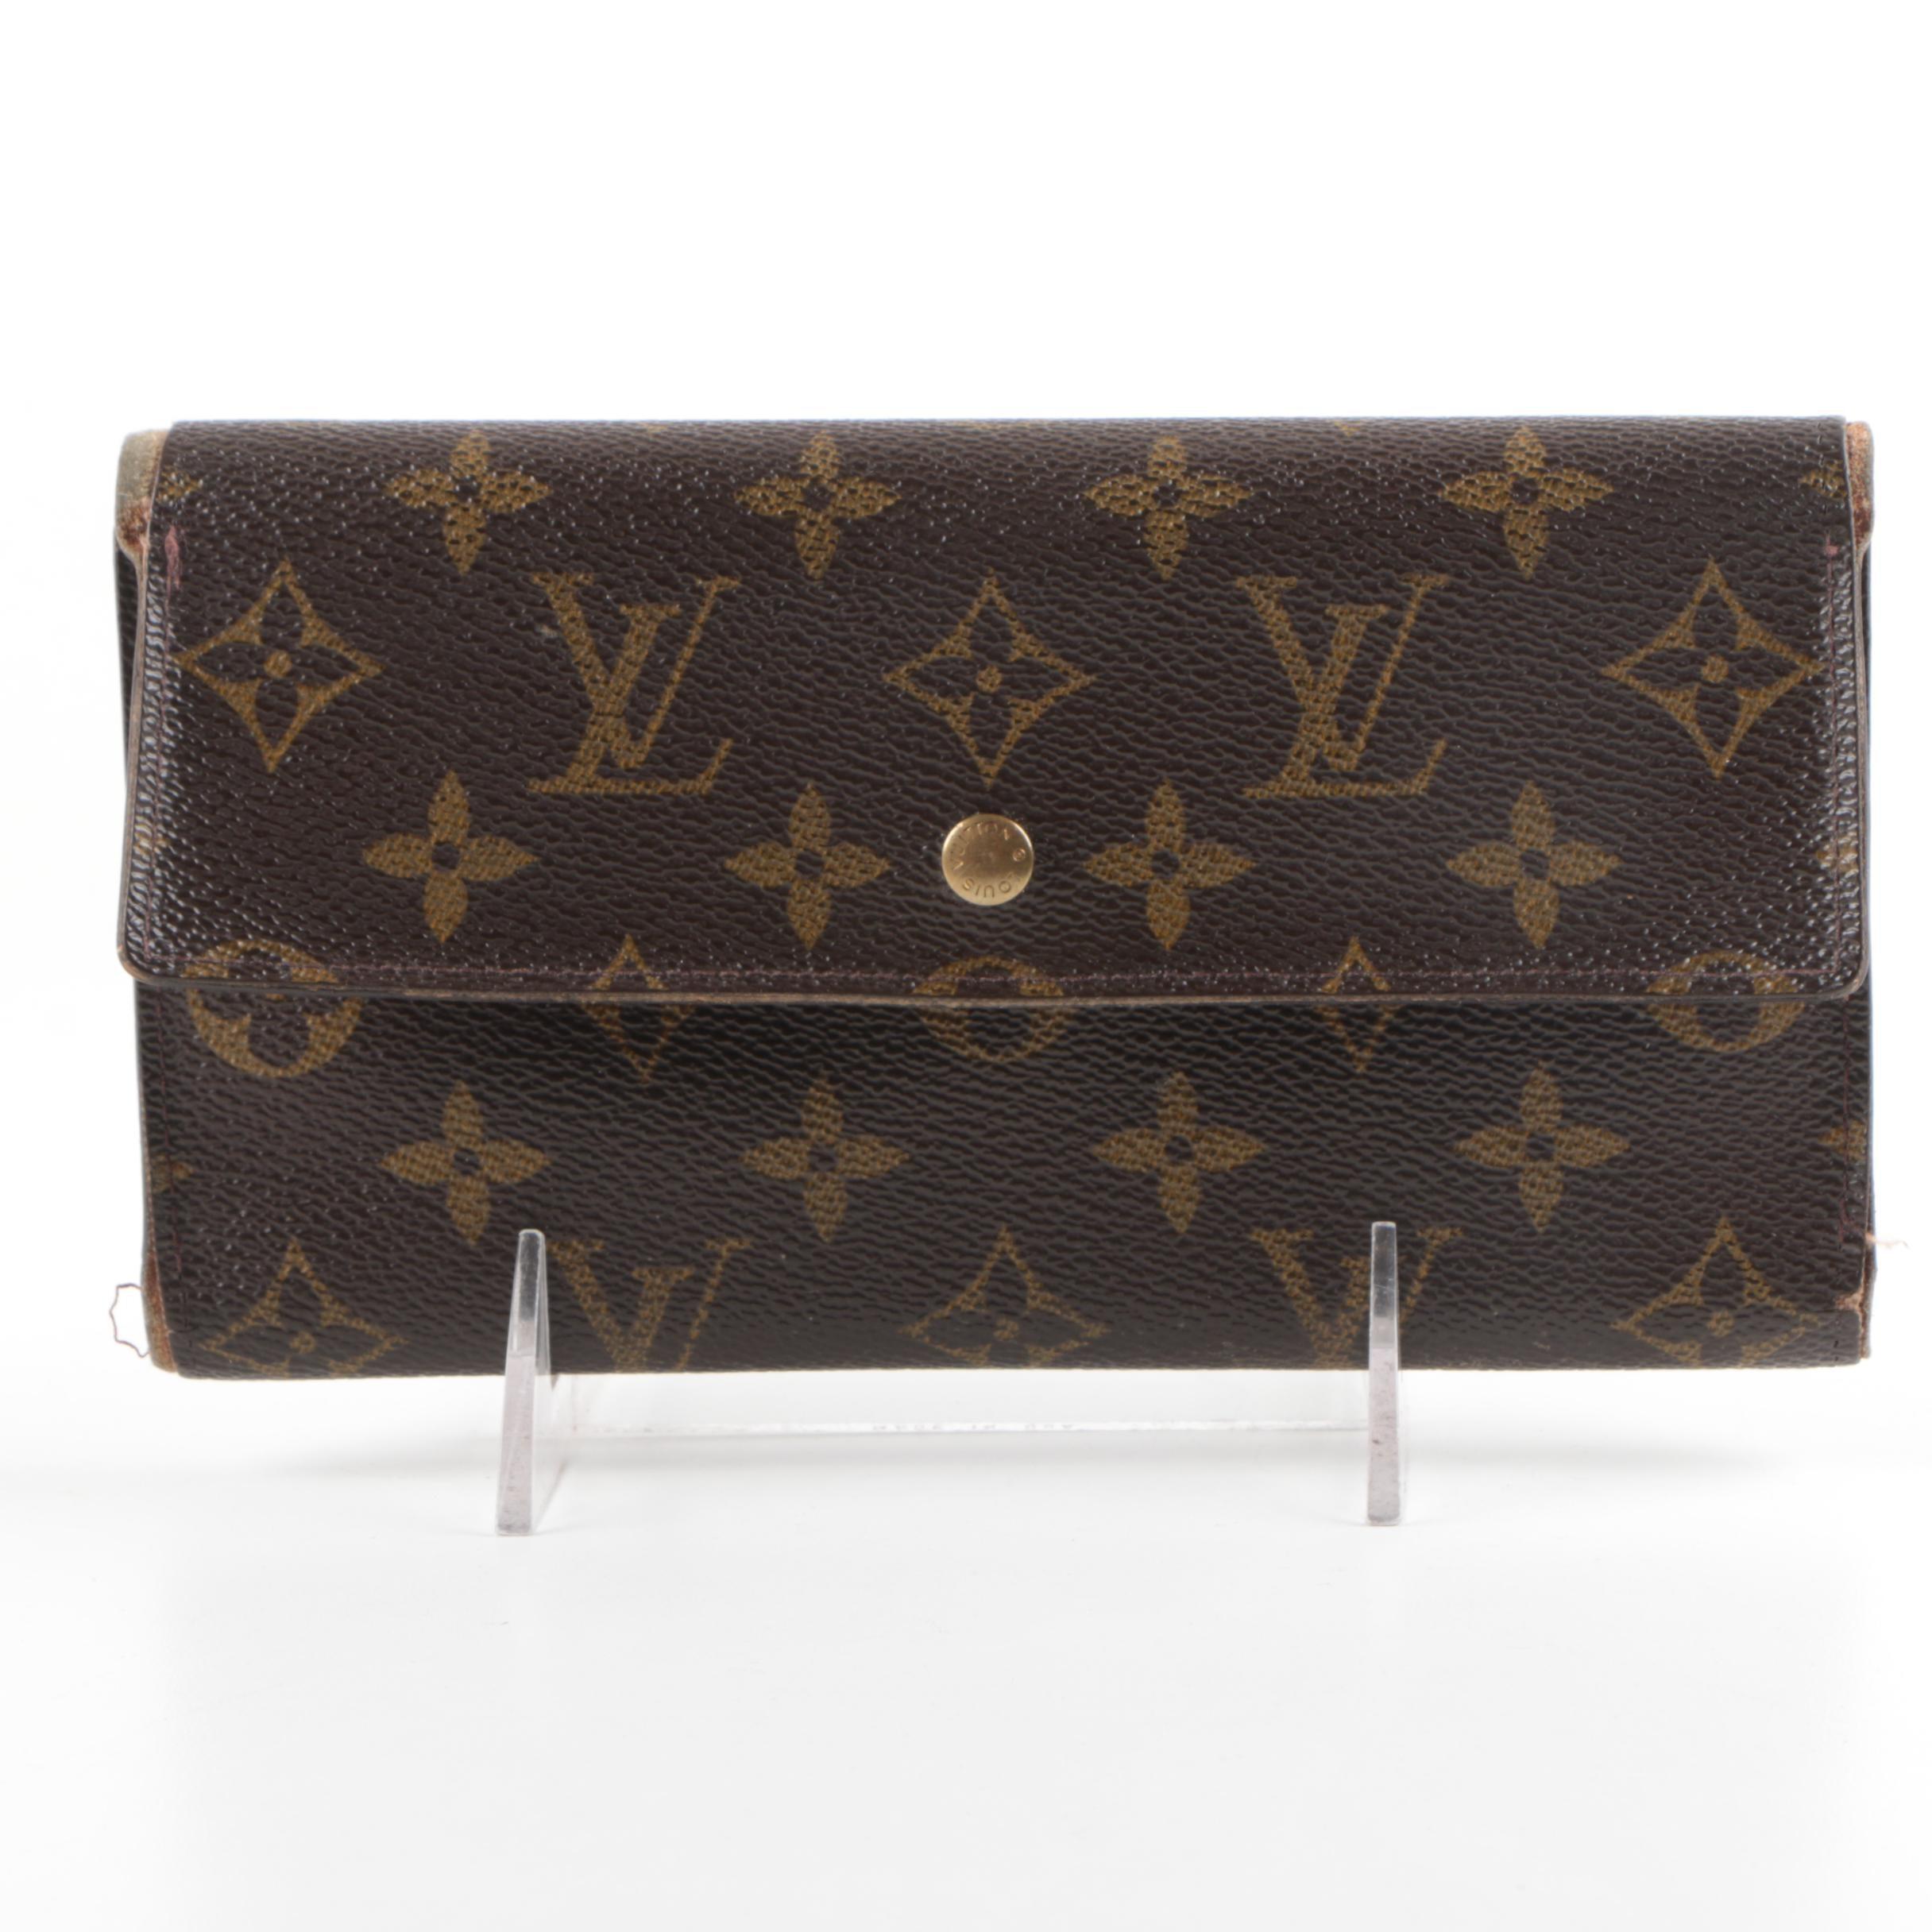 Louis Vuitton of Paris Signature Monogram Canvas Clutch Wallet